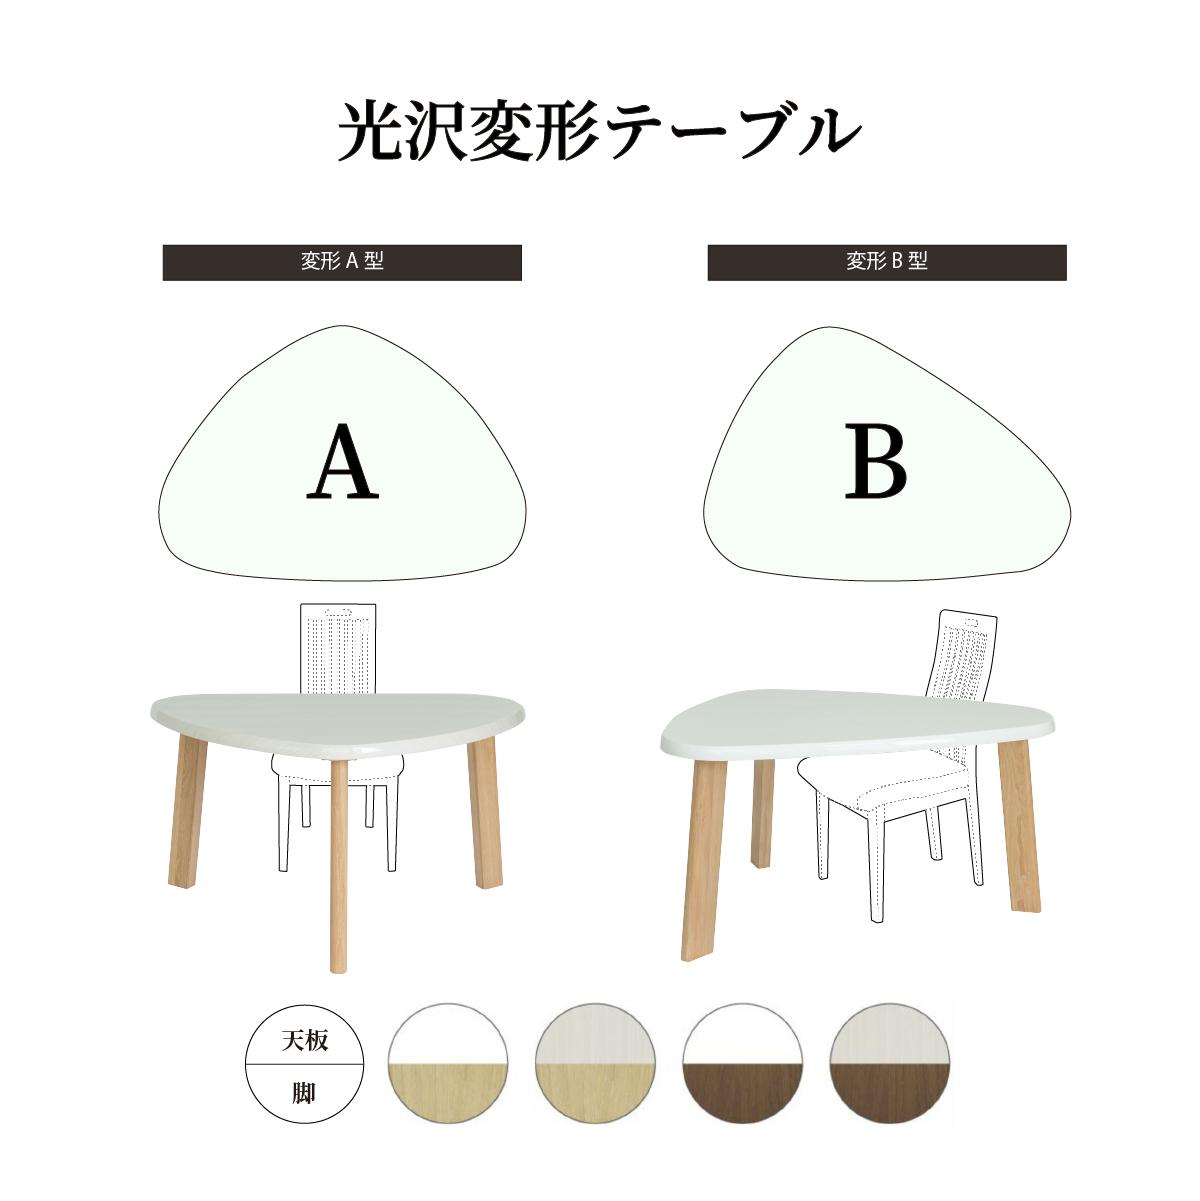 ダイニングテーブル 4人掛け 三角 光沢 幅 130 高さ 70 cm テーブル 白 ホワイト 光沢仕上げ 永遠の定番 角丸形 tac おしゃれ INTERIOR インテリア 豪華な リビングテーブル ツヤ タック 北欧風 UV塗装